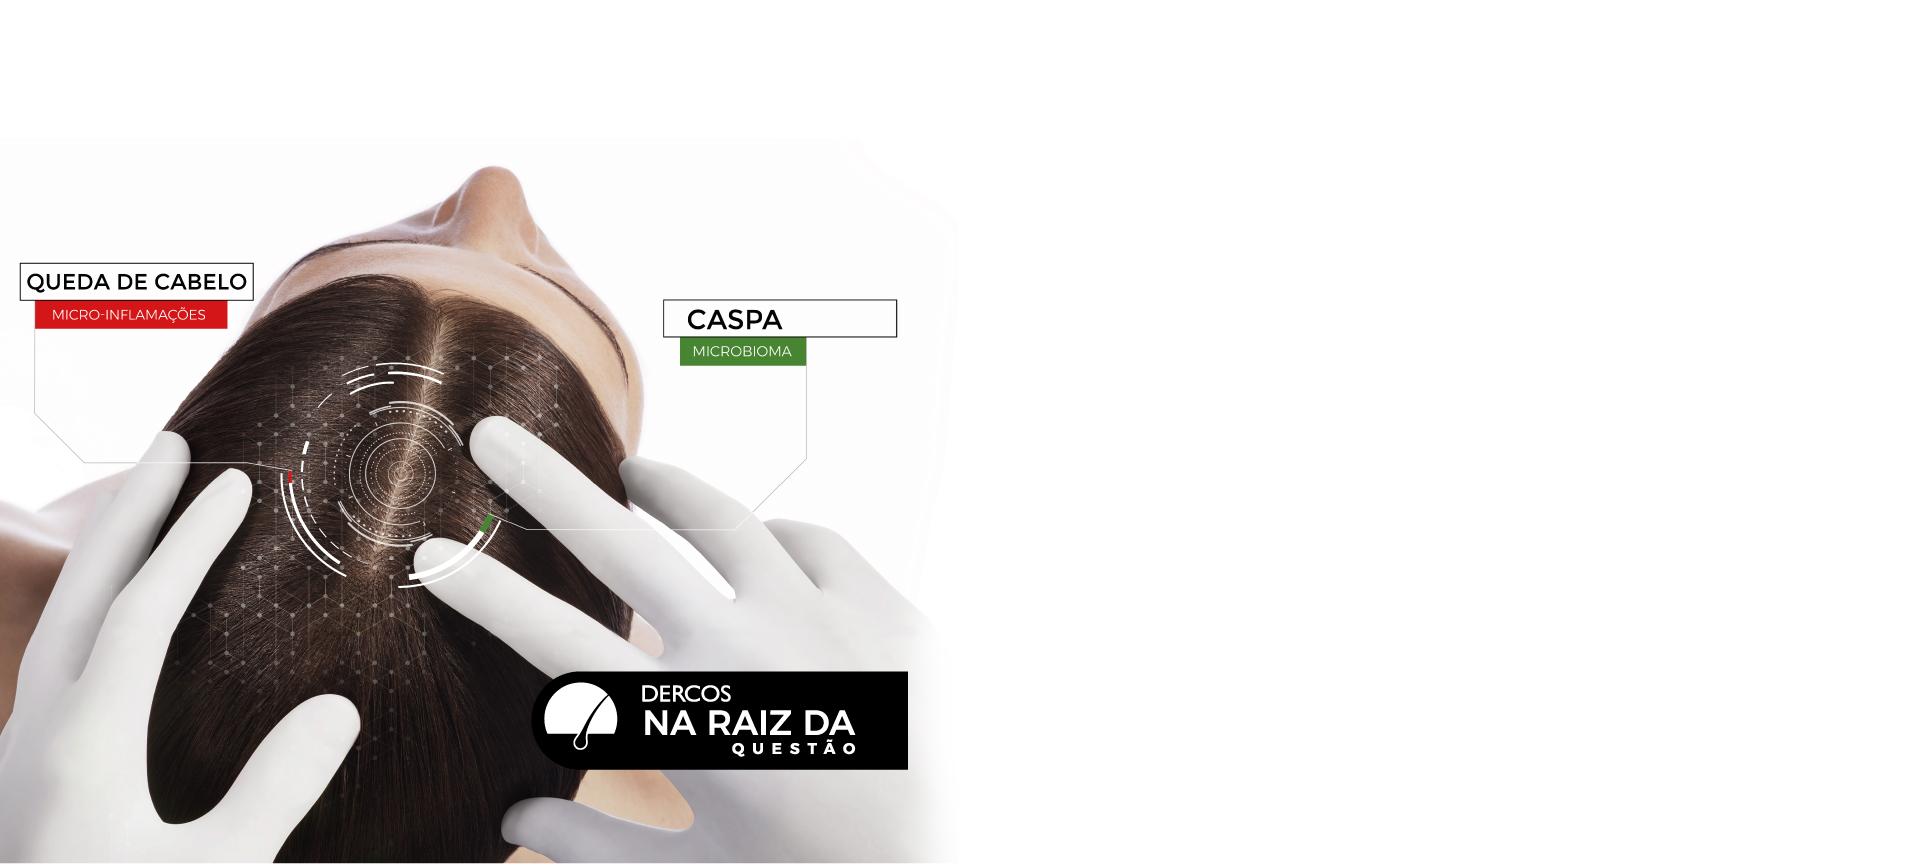 Banner_Dercos_Na Raiz da Questão_Desktop